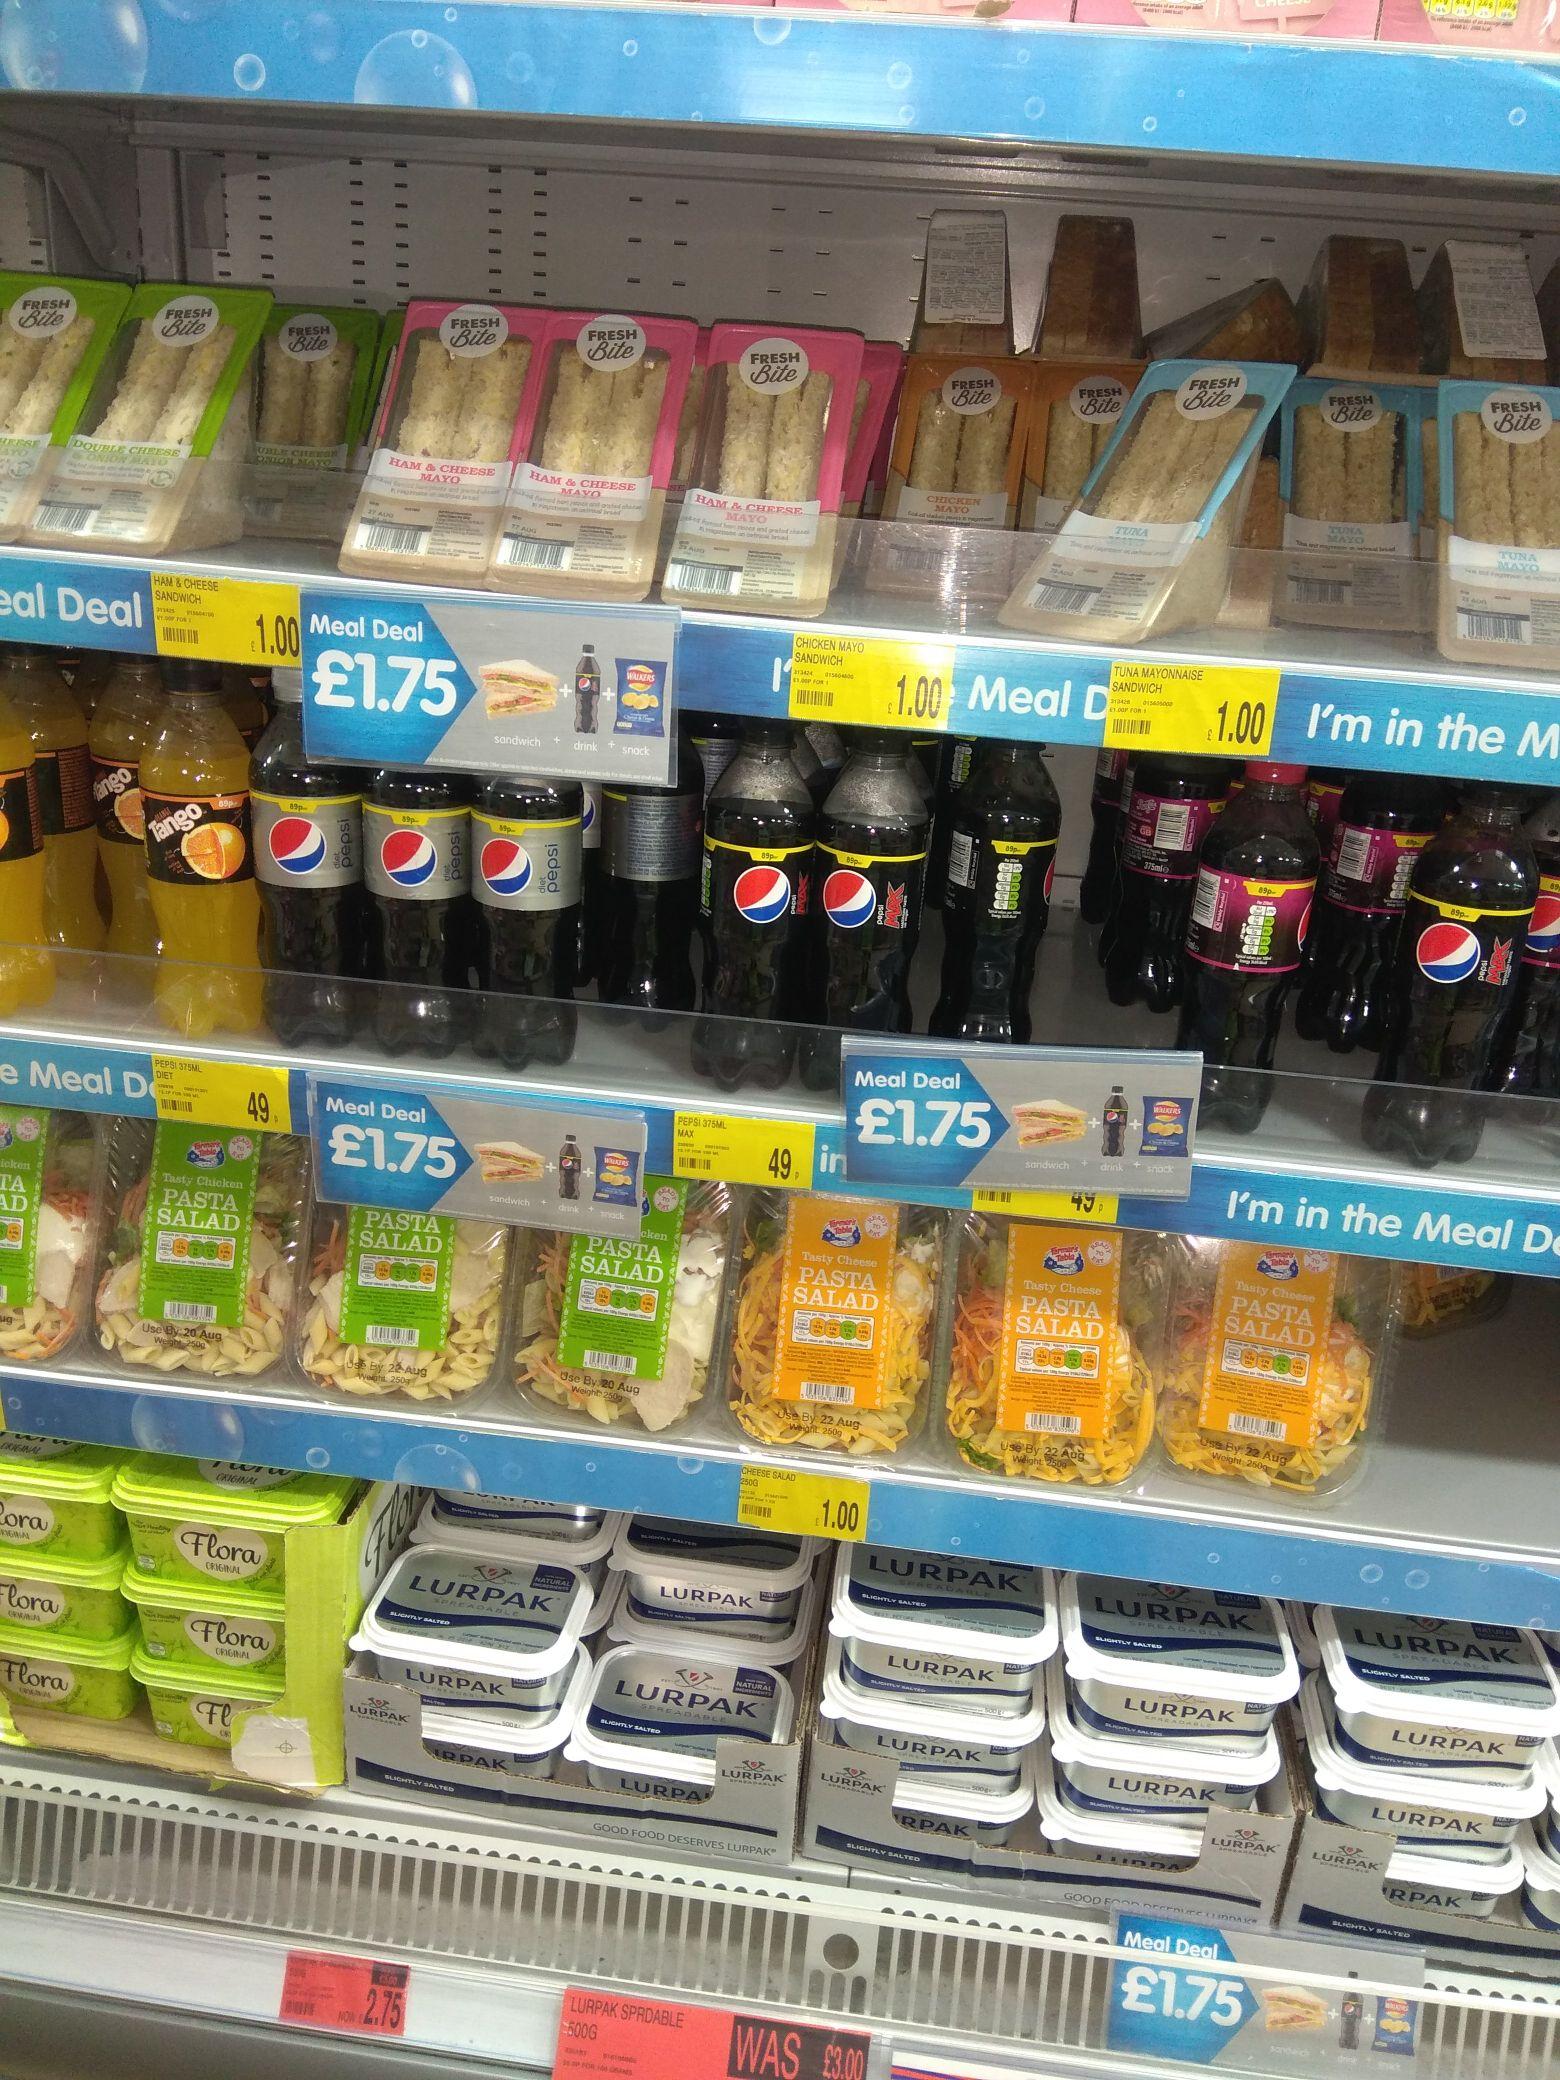 B&M meal deal £1.75 - Sandwich, drink & crisps